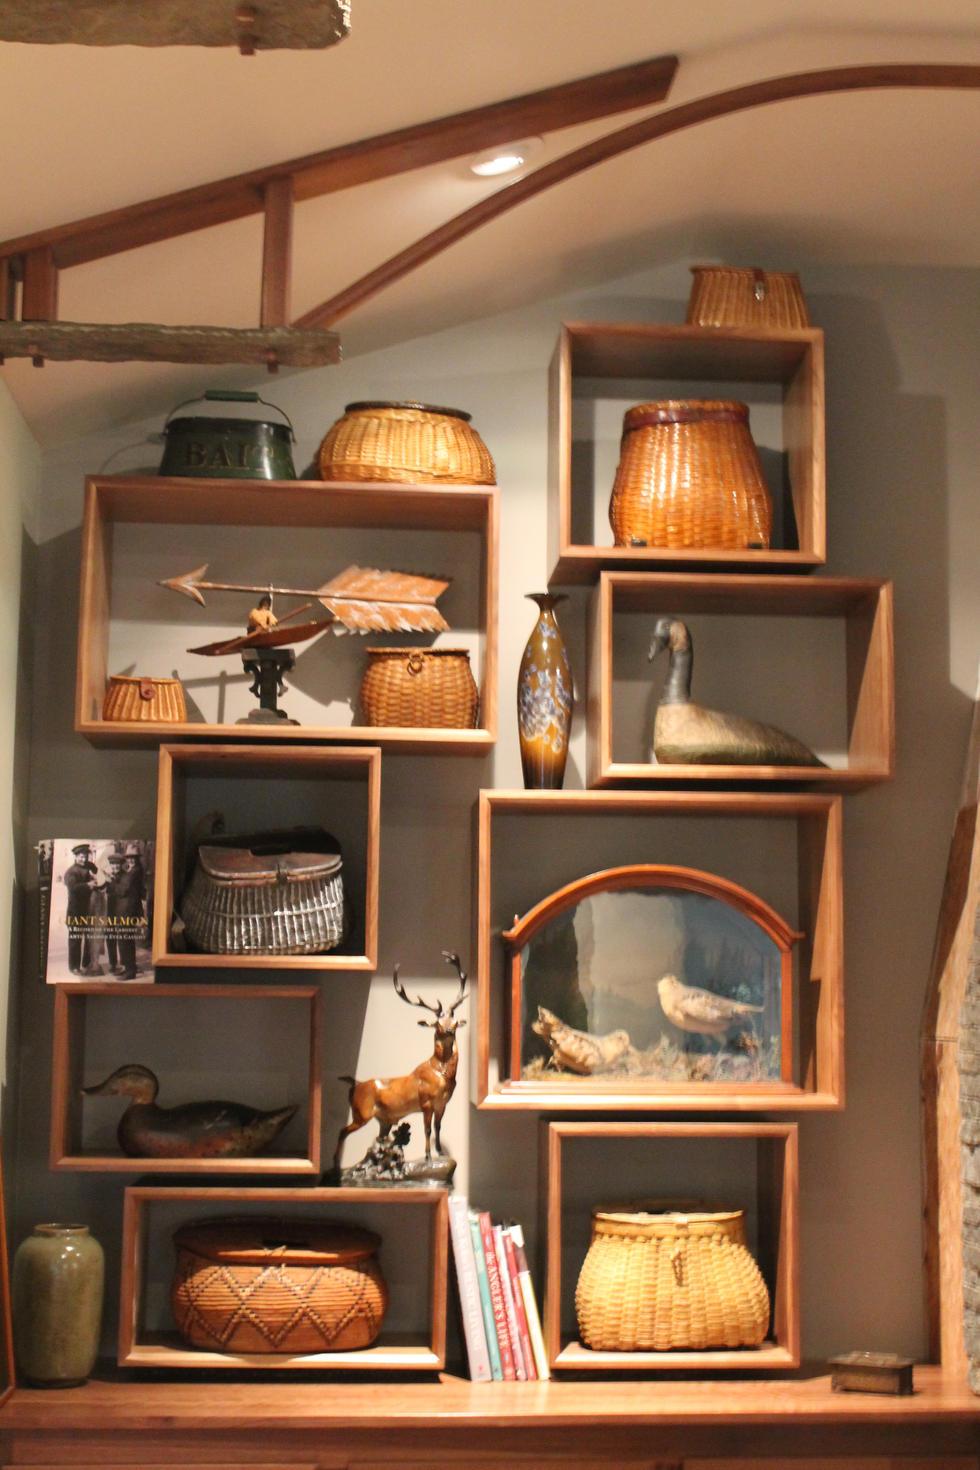 C-shelves2.JPG